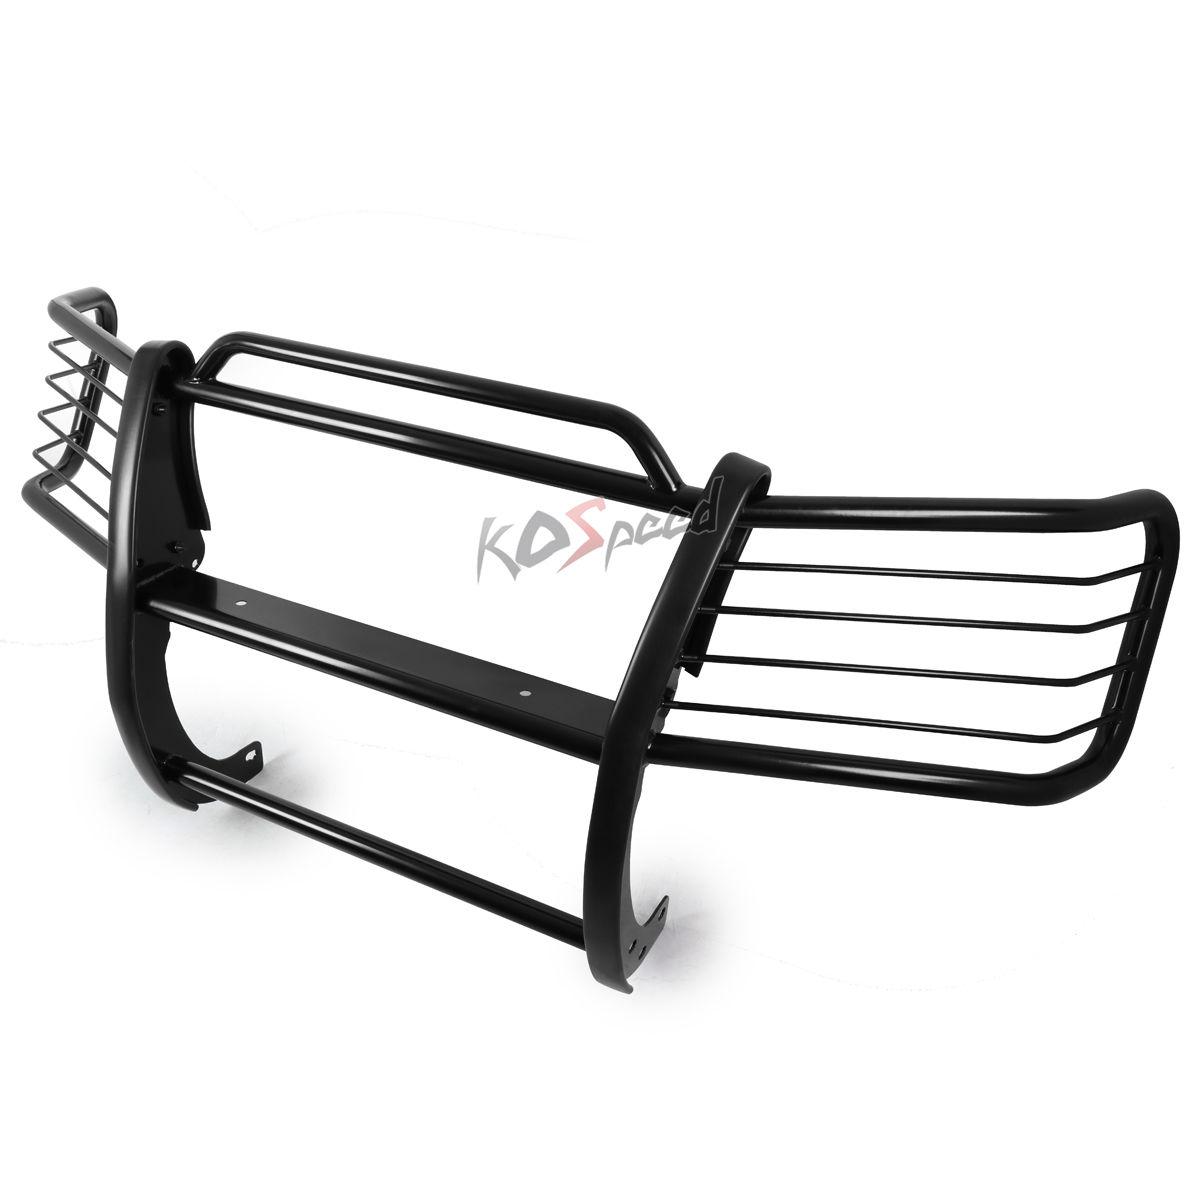 グリル 黒い軽いスチールブラシグリルガードフレームバー06-11メルセデスW164 Mクラス Black Mild Steel Brush Grille Guard Frame Bar for 06-11 Mercedes W164 M-Class